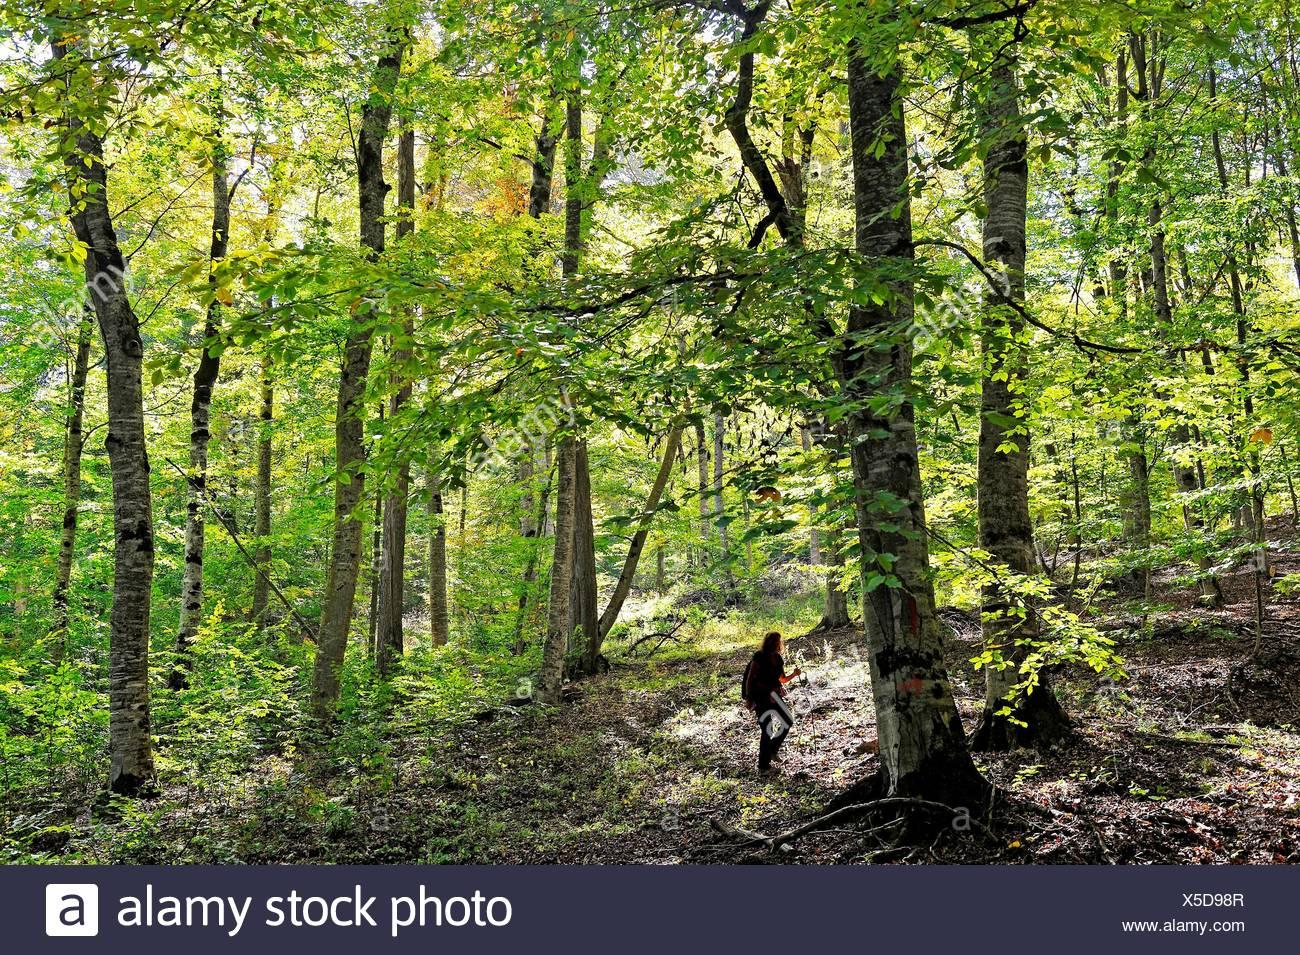 Beech árvores na floresta do Parque Nacional Dilijan Tavush região, Arménia, Eurásia. Imagens de Stock